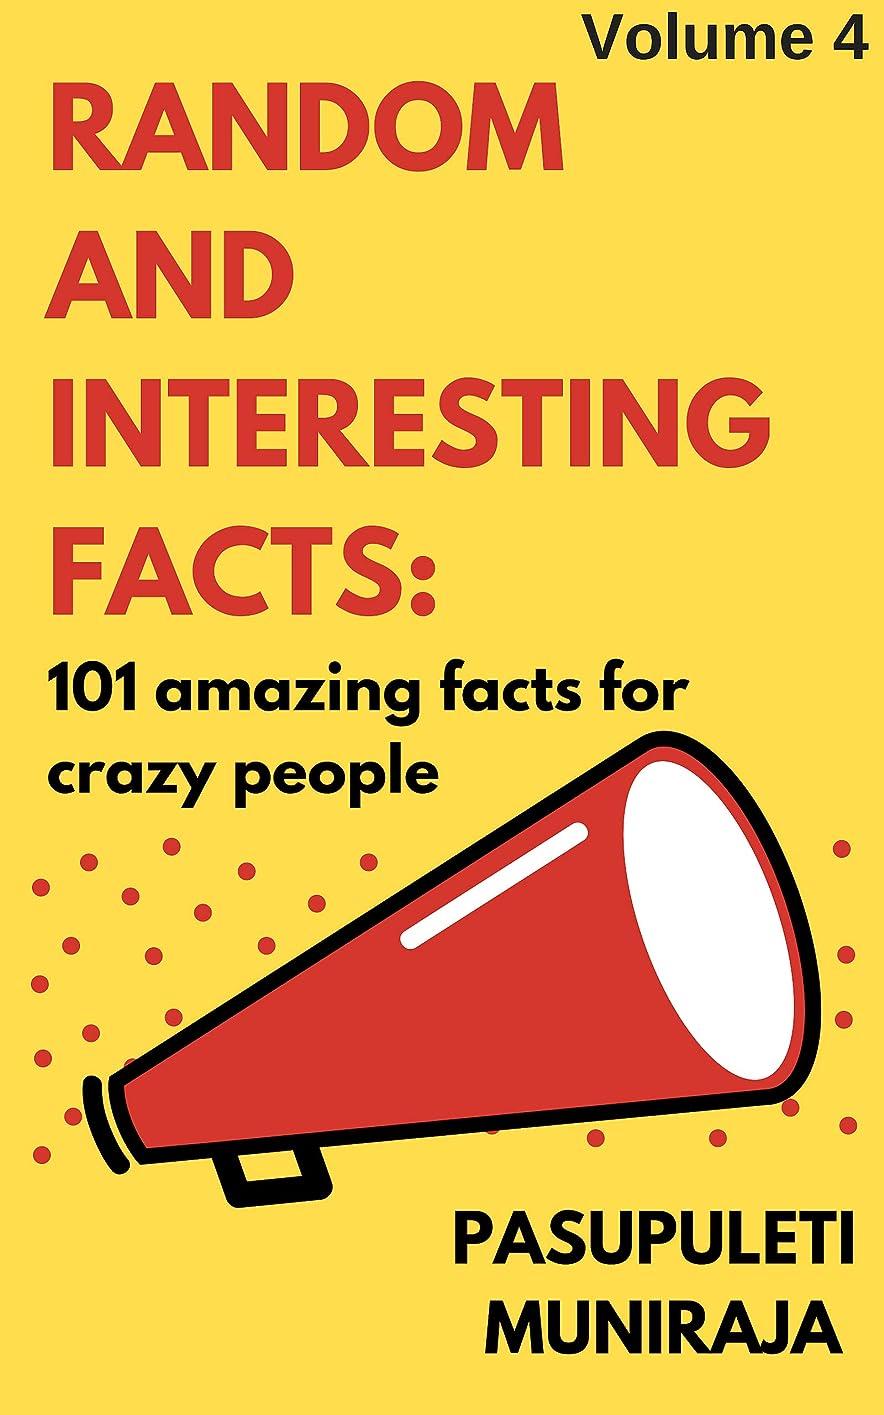 ふつう敗北変成器RANDOM AND INTERESTING FACTS : 101 AMAZING FACTS FOR CRAZY PEOPLE: Volume 4 (English Edition)